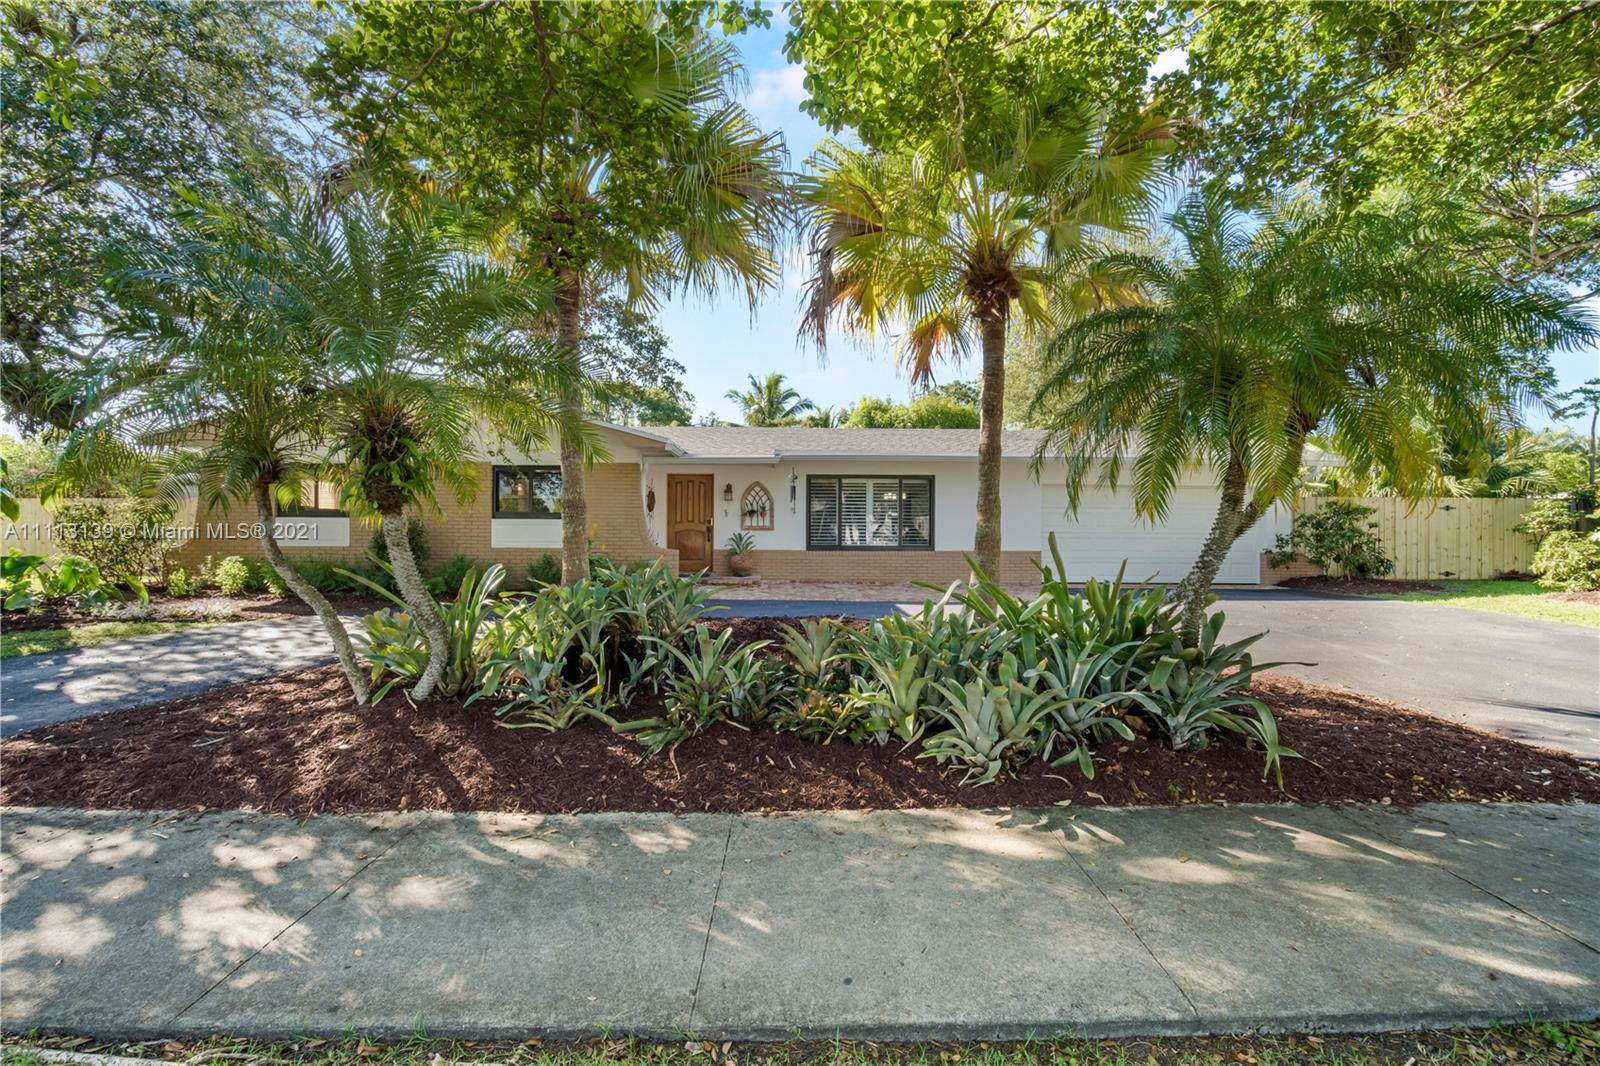 Pine Shore - 11020 SW 120th St, Miami, FL 33176